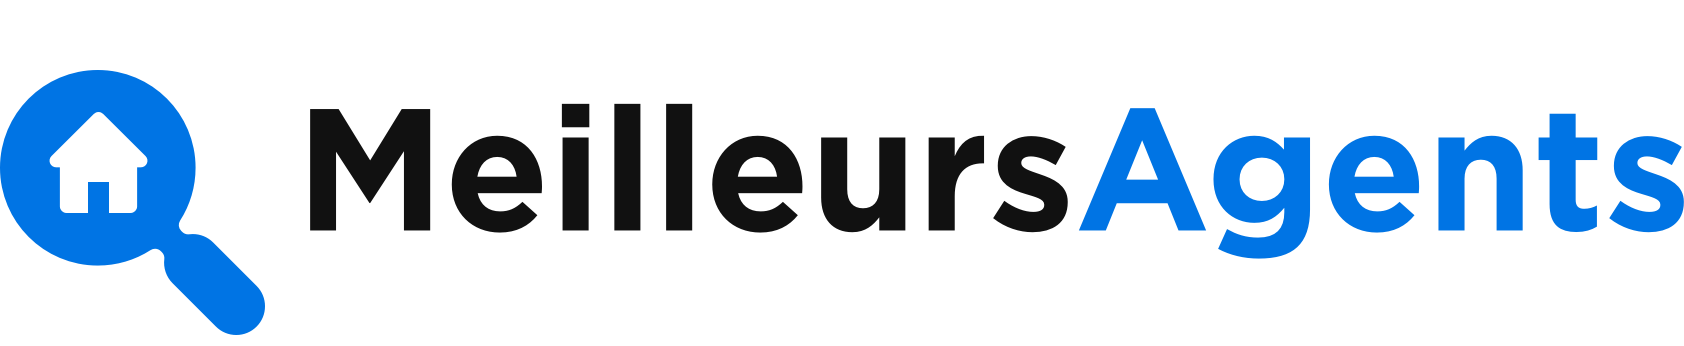 MeilleursAgents logo